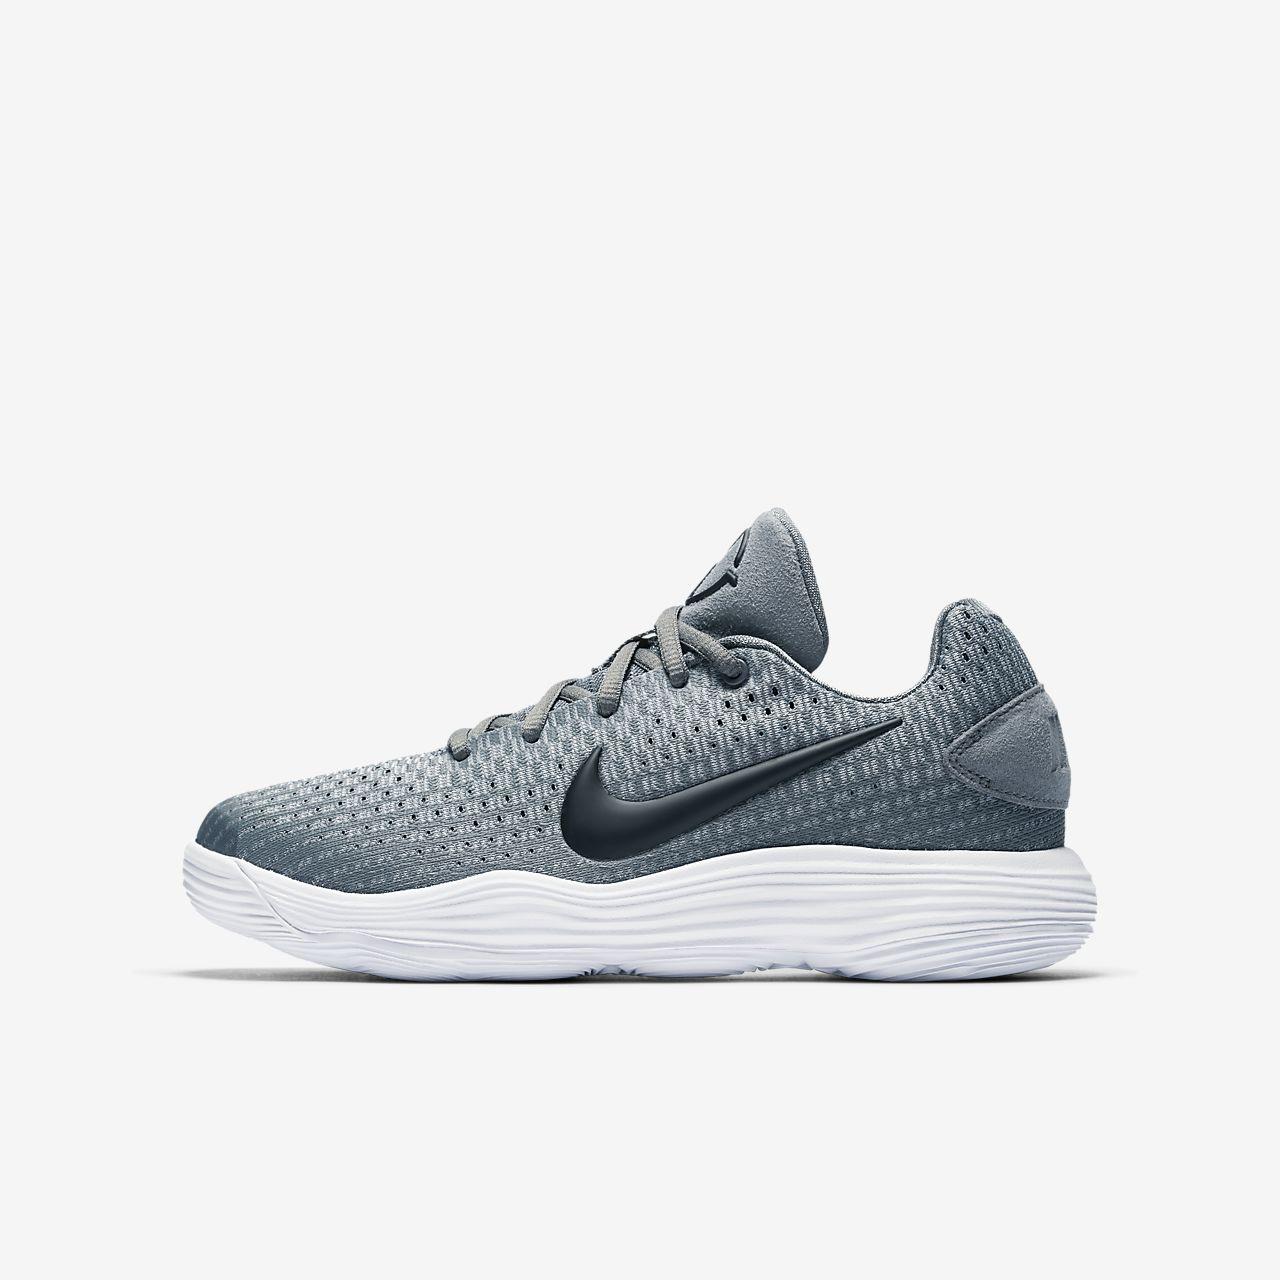 Nike Hyperdunk Basketball Shoes - Kids' Nike Footwear